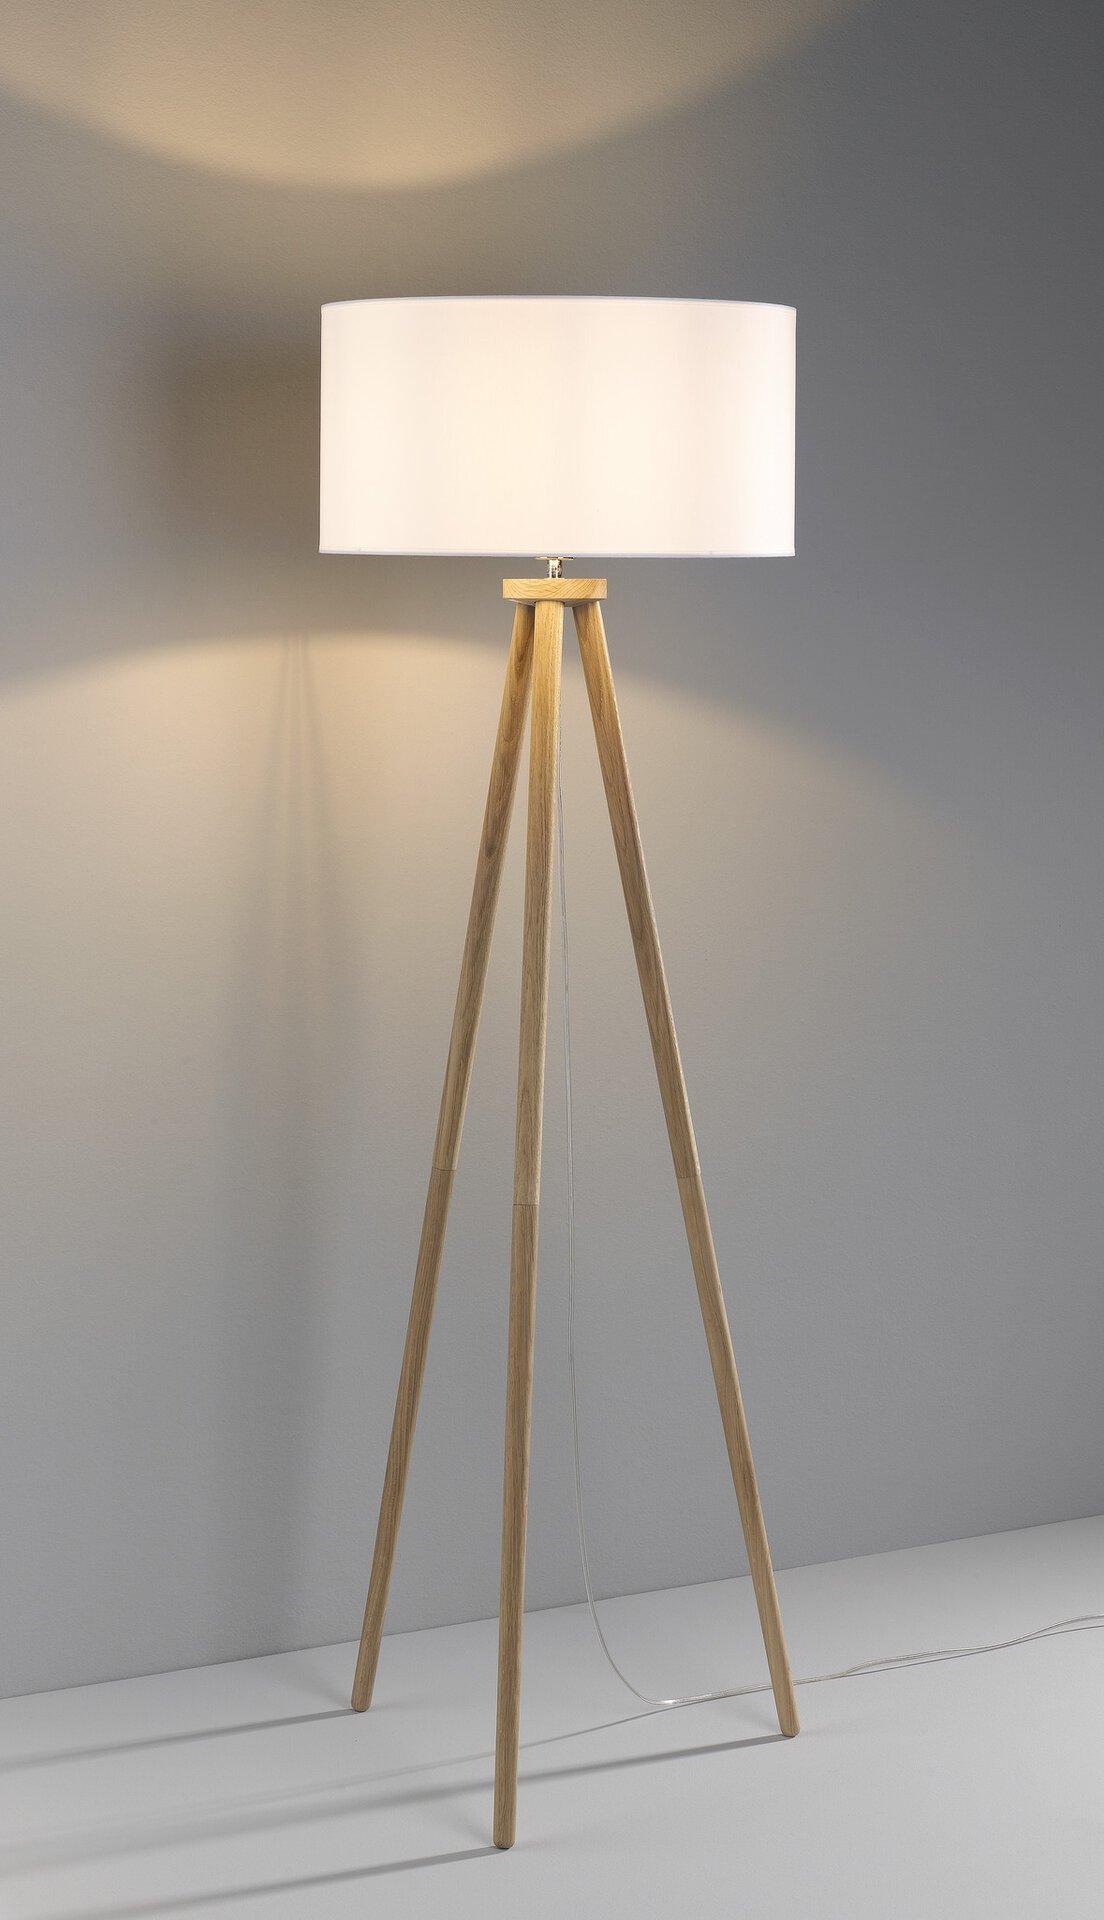 Stehleuchte ENNIE MONDO Holz braun 50 x 154 x 50 cm